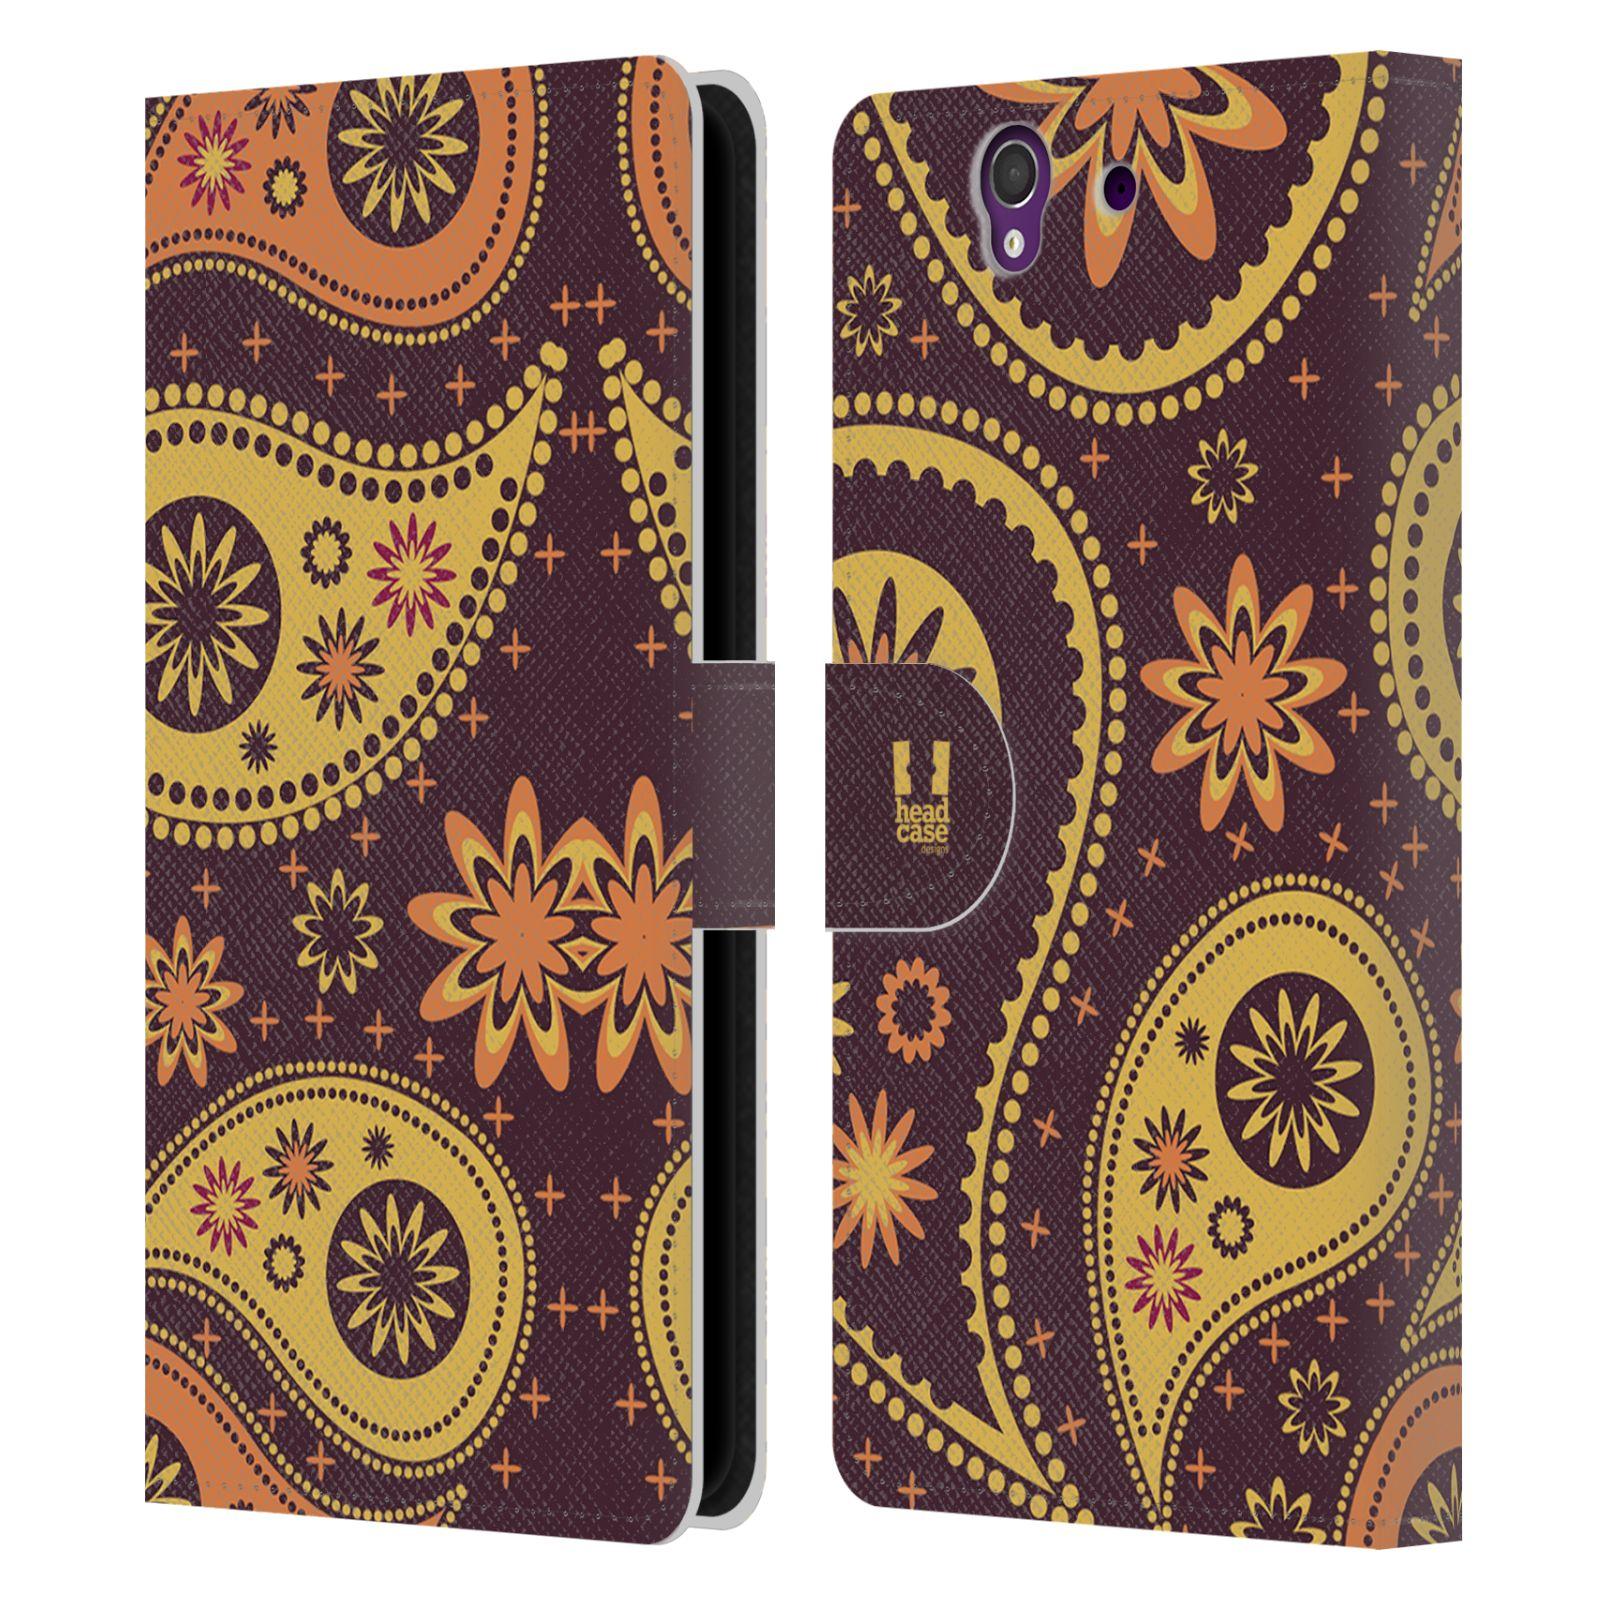 HEAD CASE Flipové pouzdro pro mobil SONY XPERIA Z (C6603) barevné slzy švestková